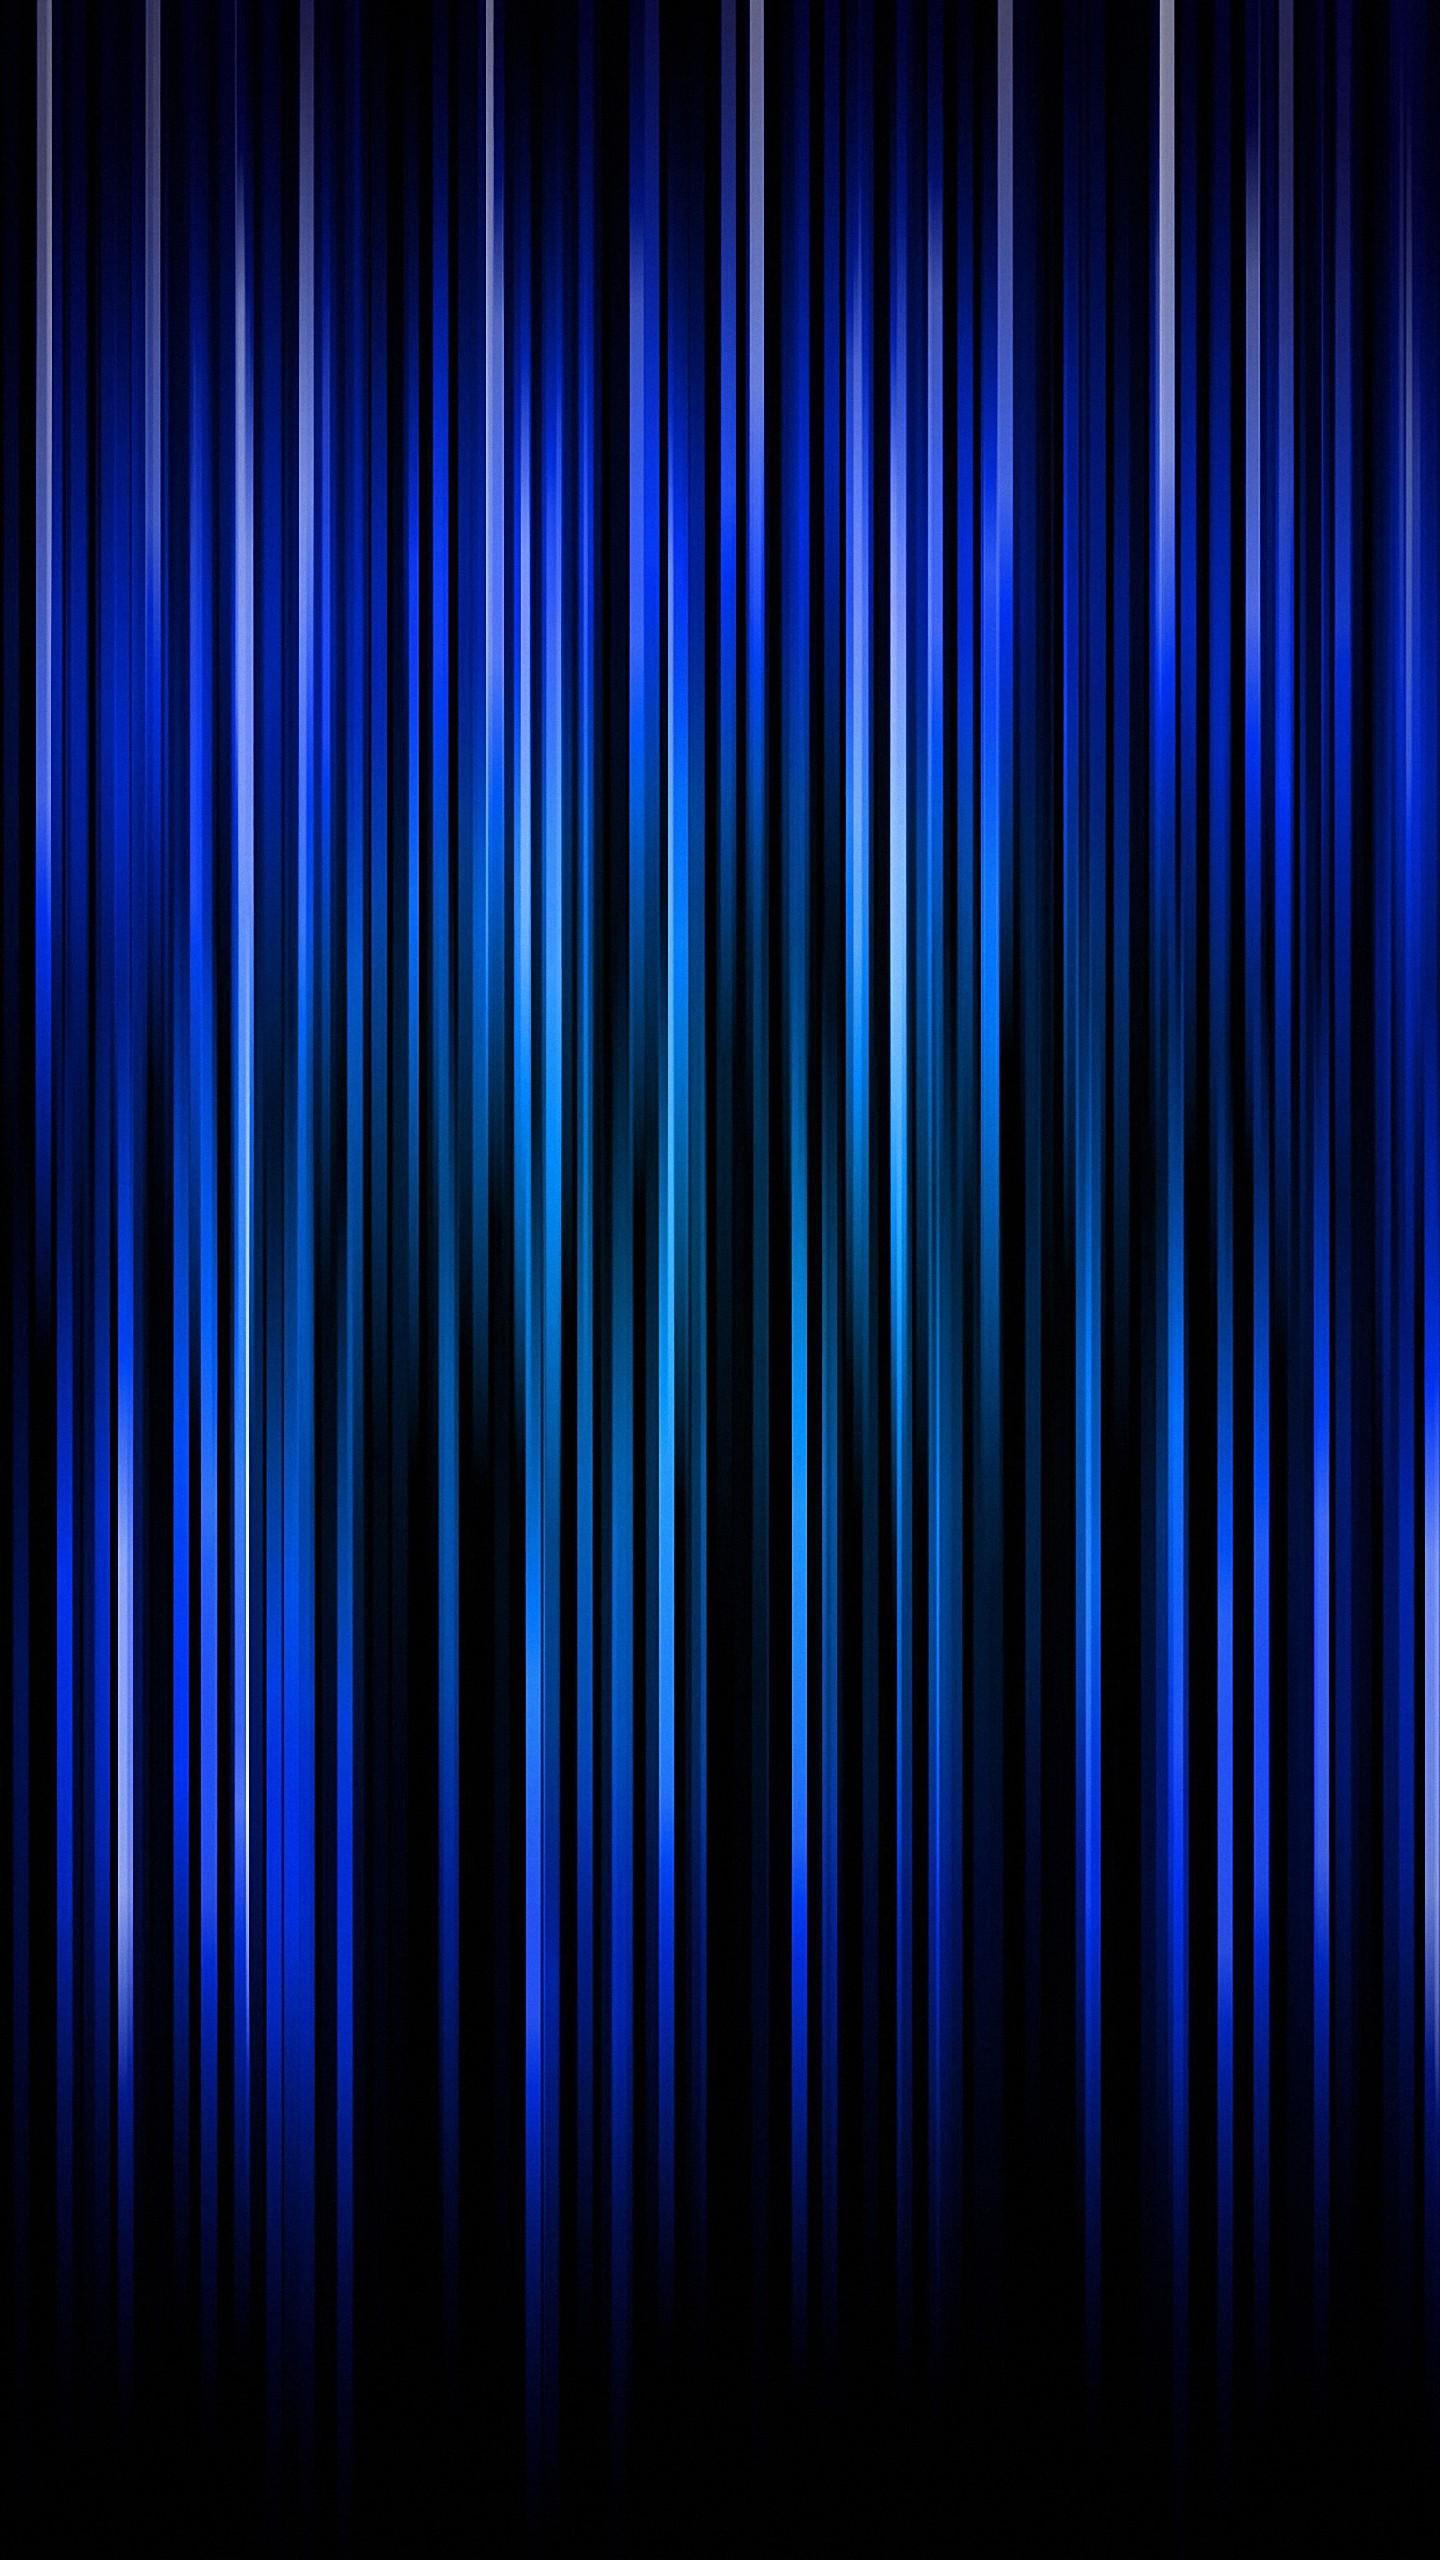 Wallpaper Vertical – WallpaperSafari